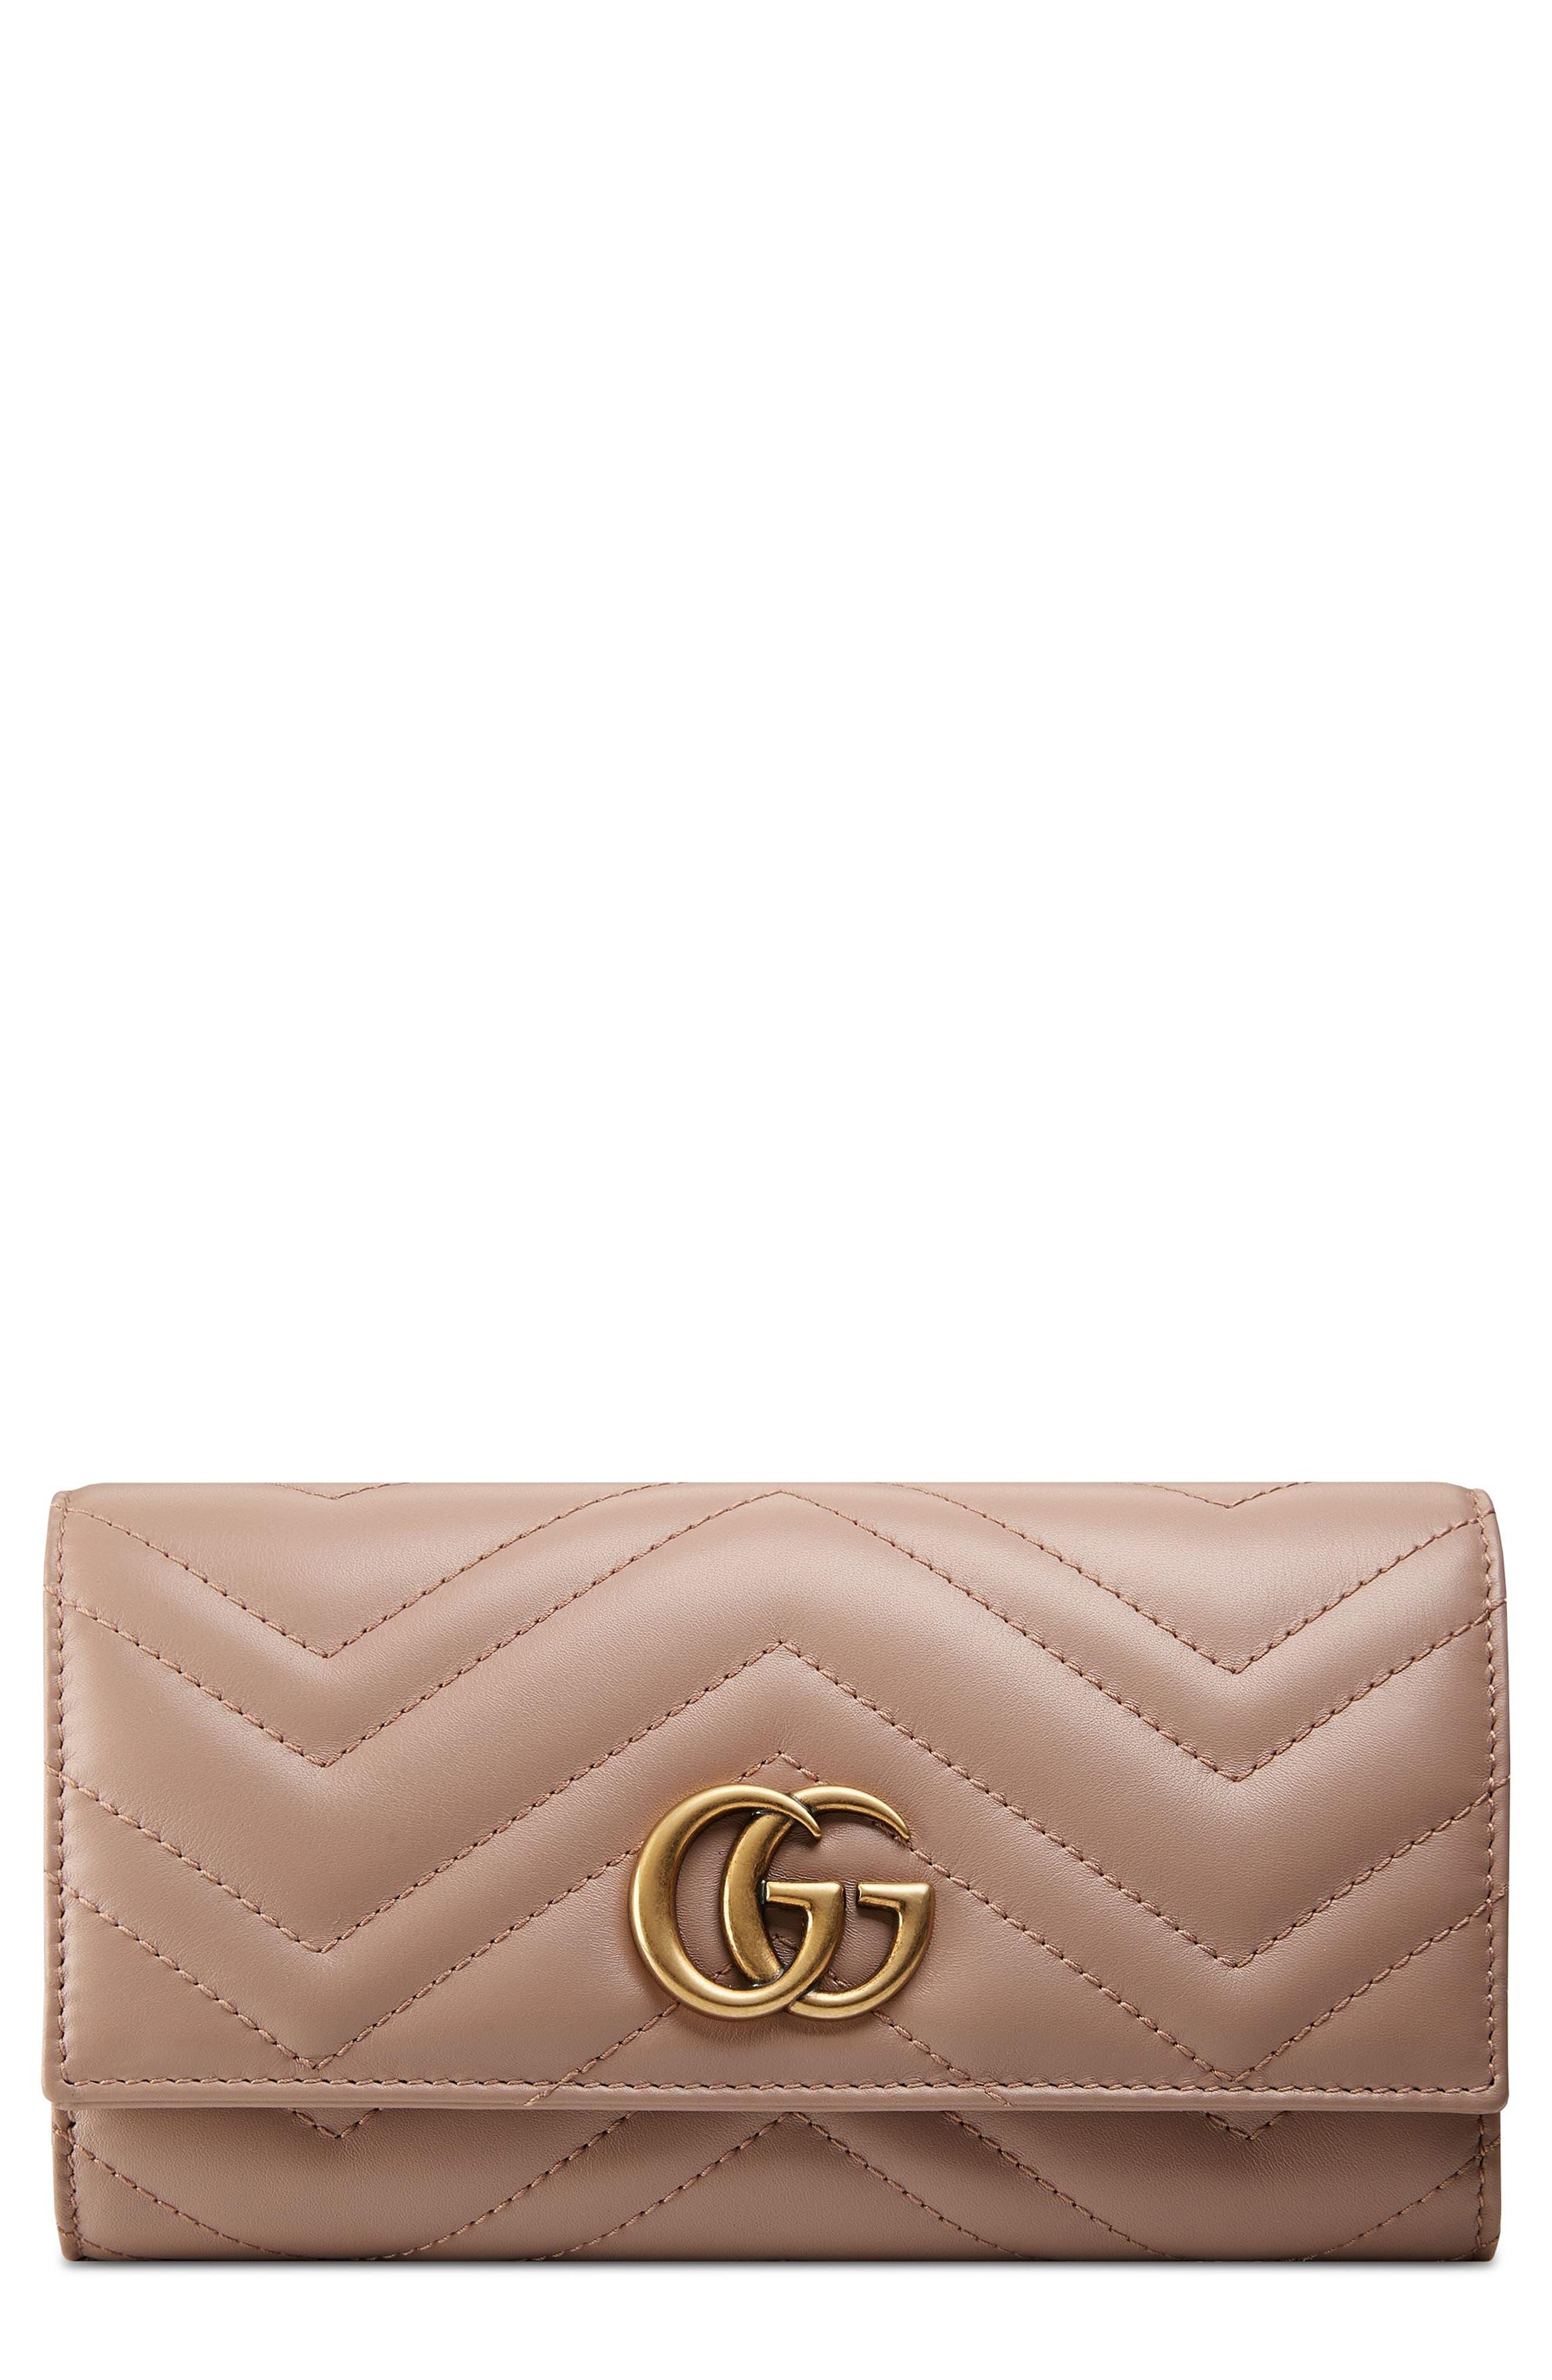 GUCCI, GG Marmont Matelassé Leather Continental Wallet, Main thumbnail 1, color, PORCELAIN ROSE